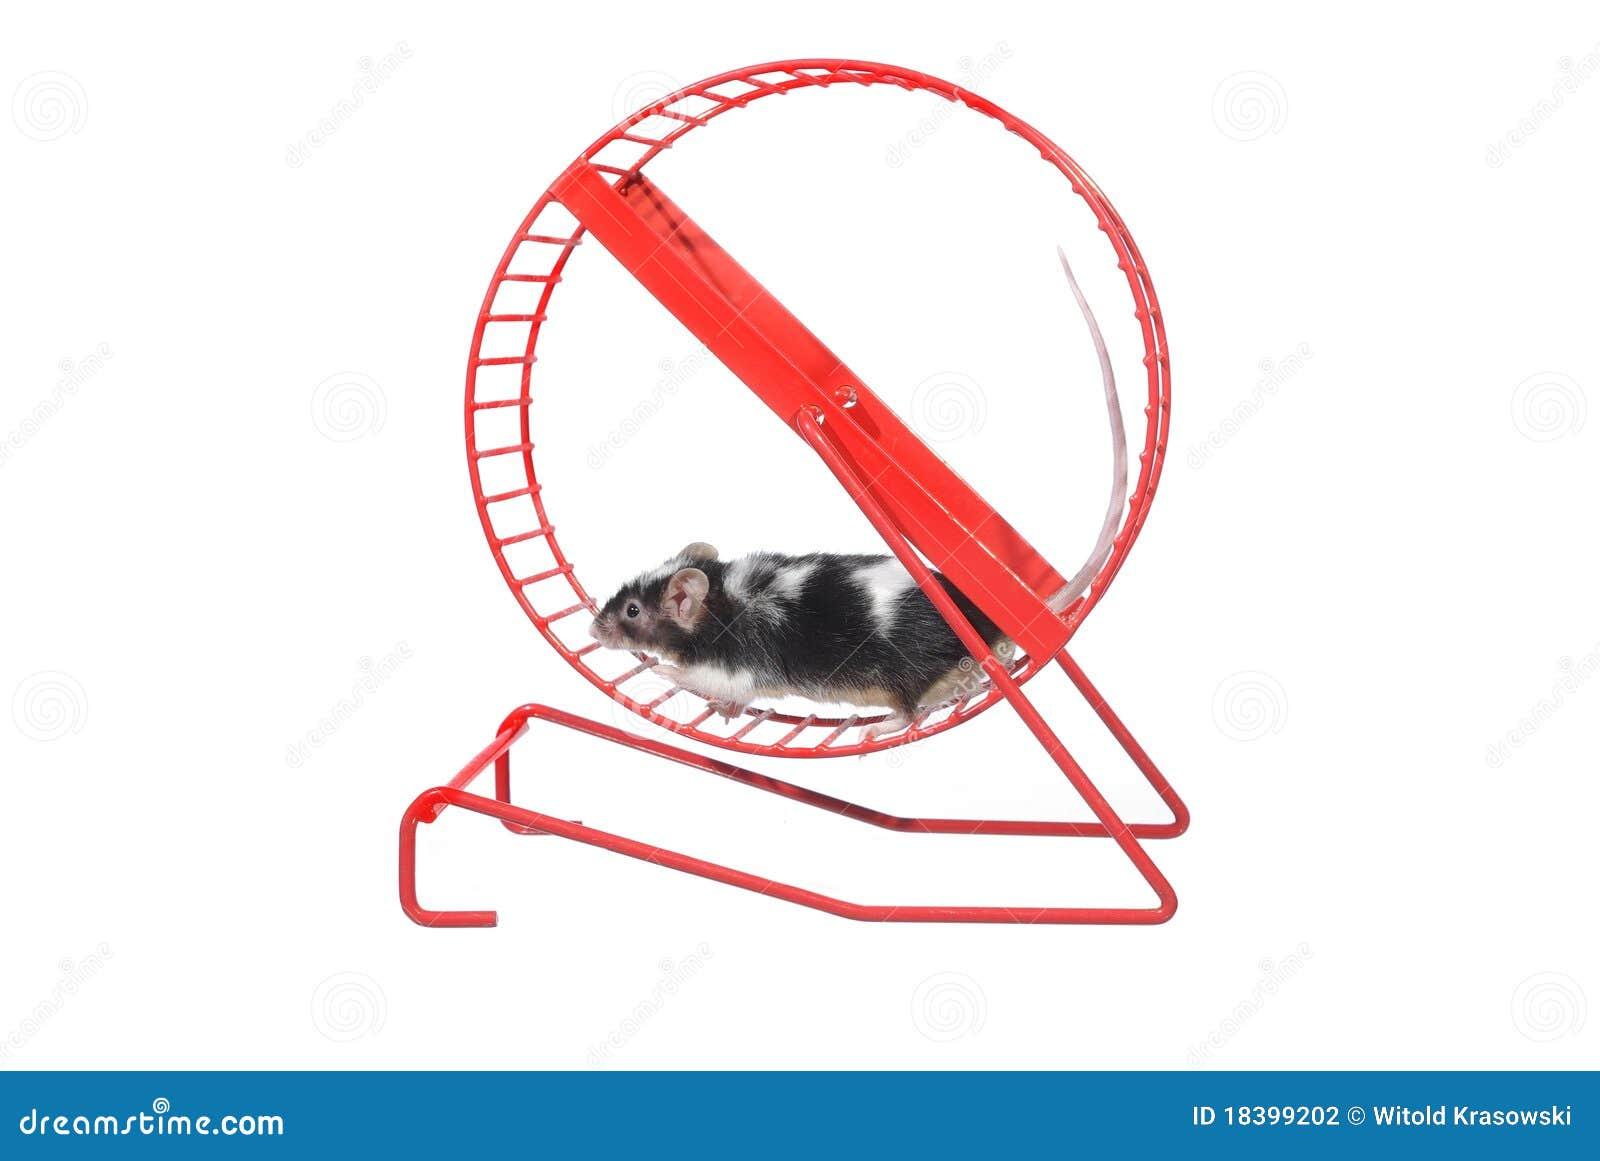 Мышь в вращательном колесе